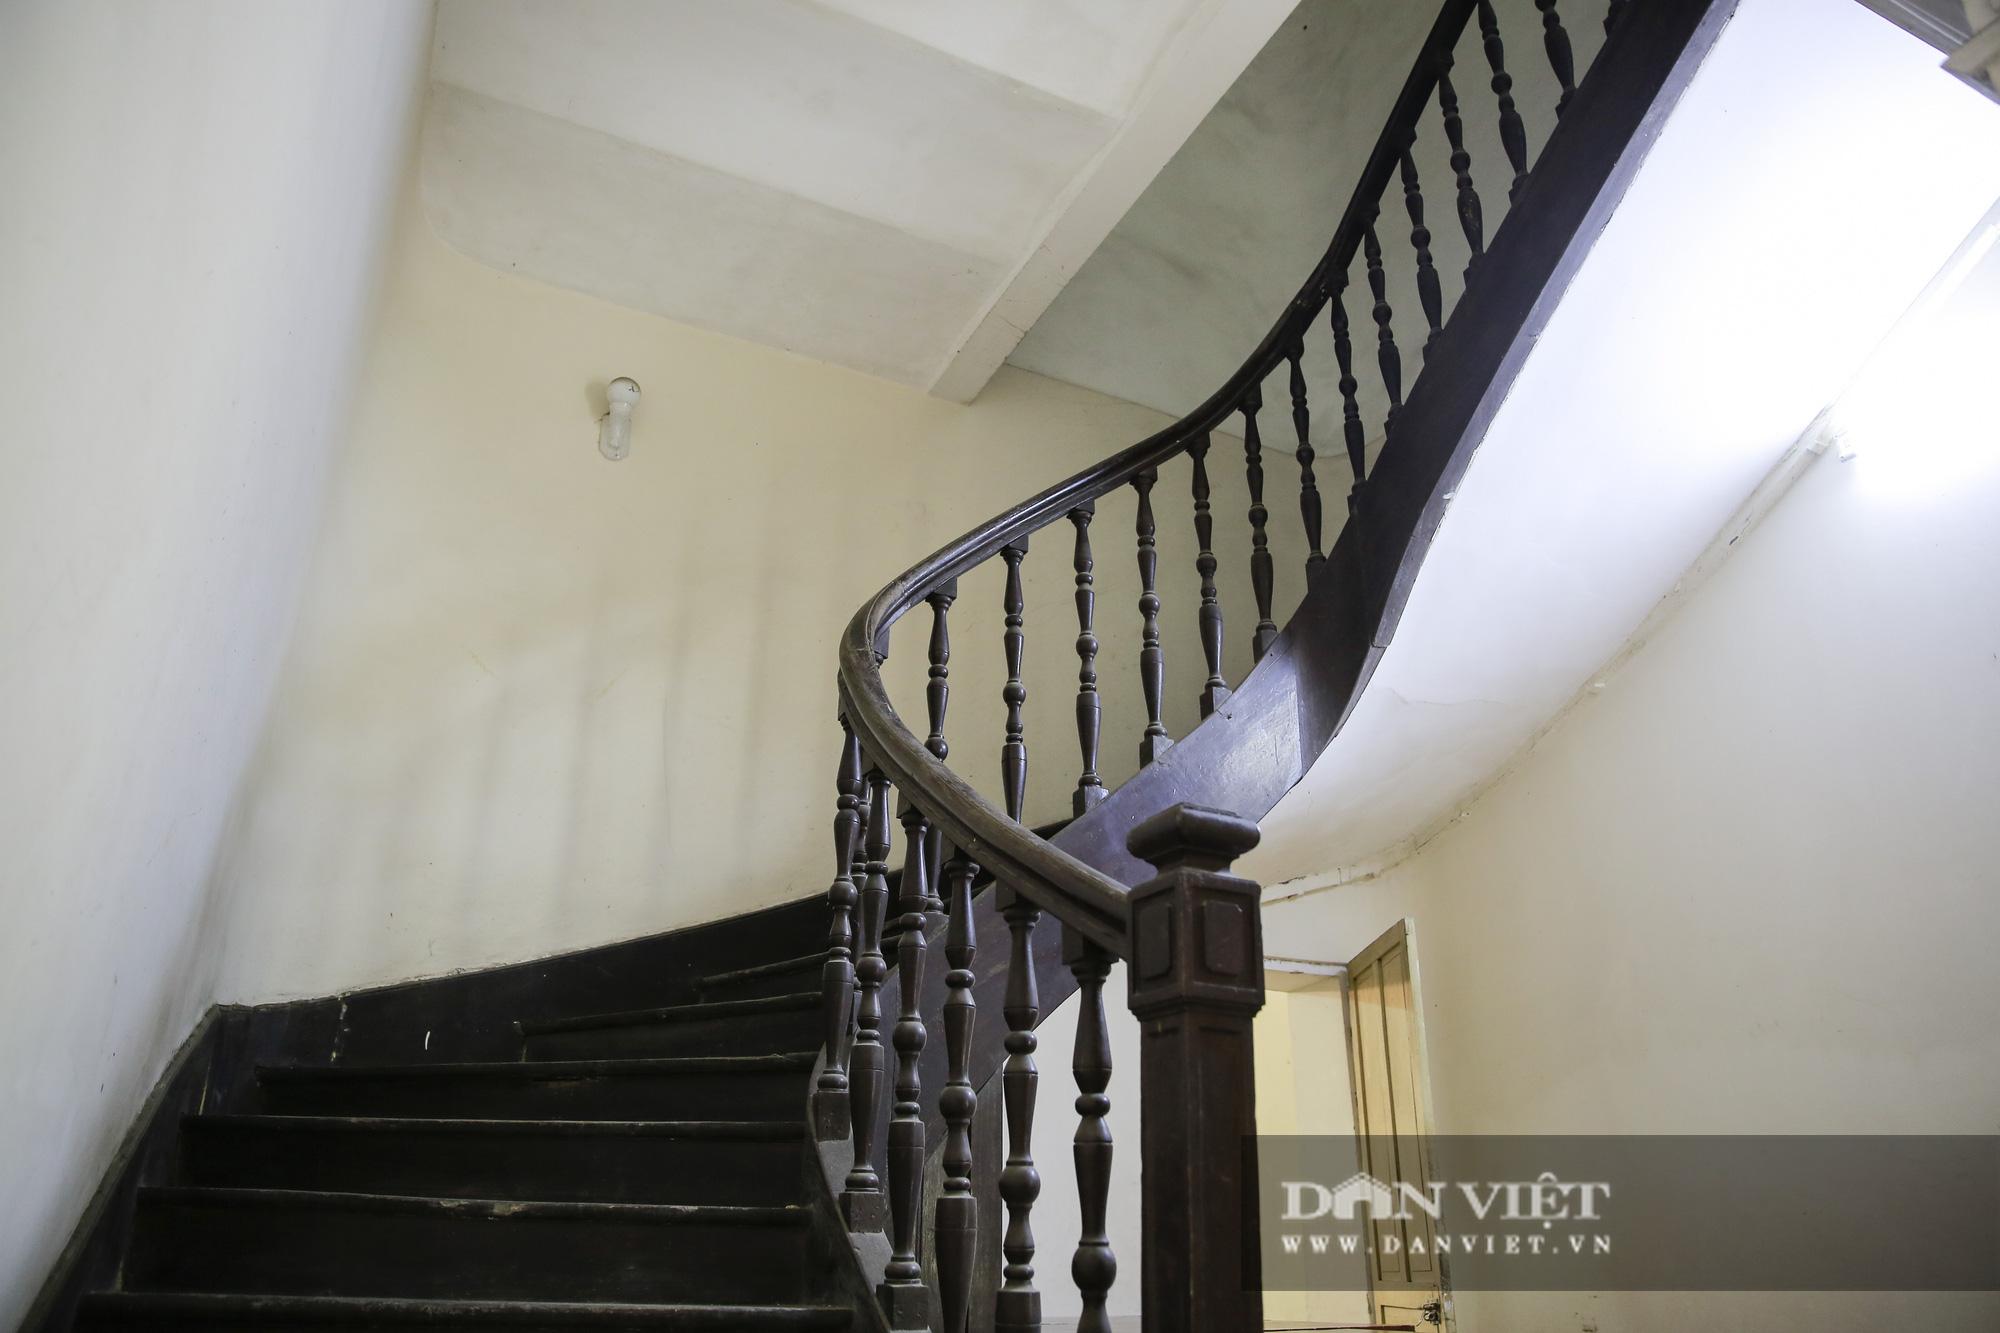 Khám phá dinh thự thứ 8 rộng 2000m2 của vua Bảo Đại tại Hà Nội - Ảnh 11.